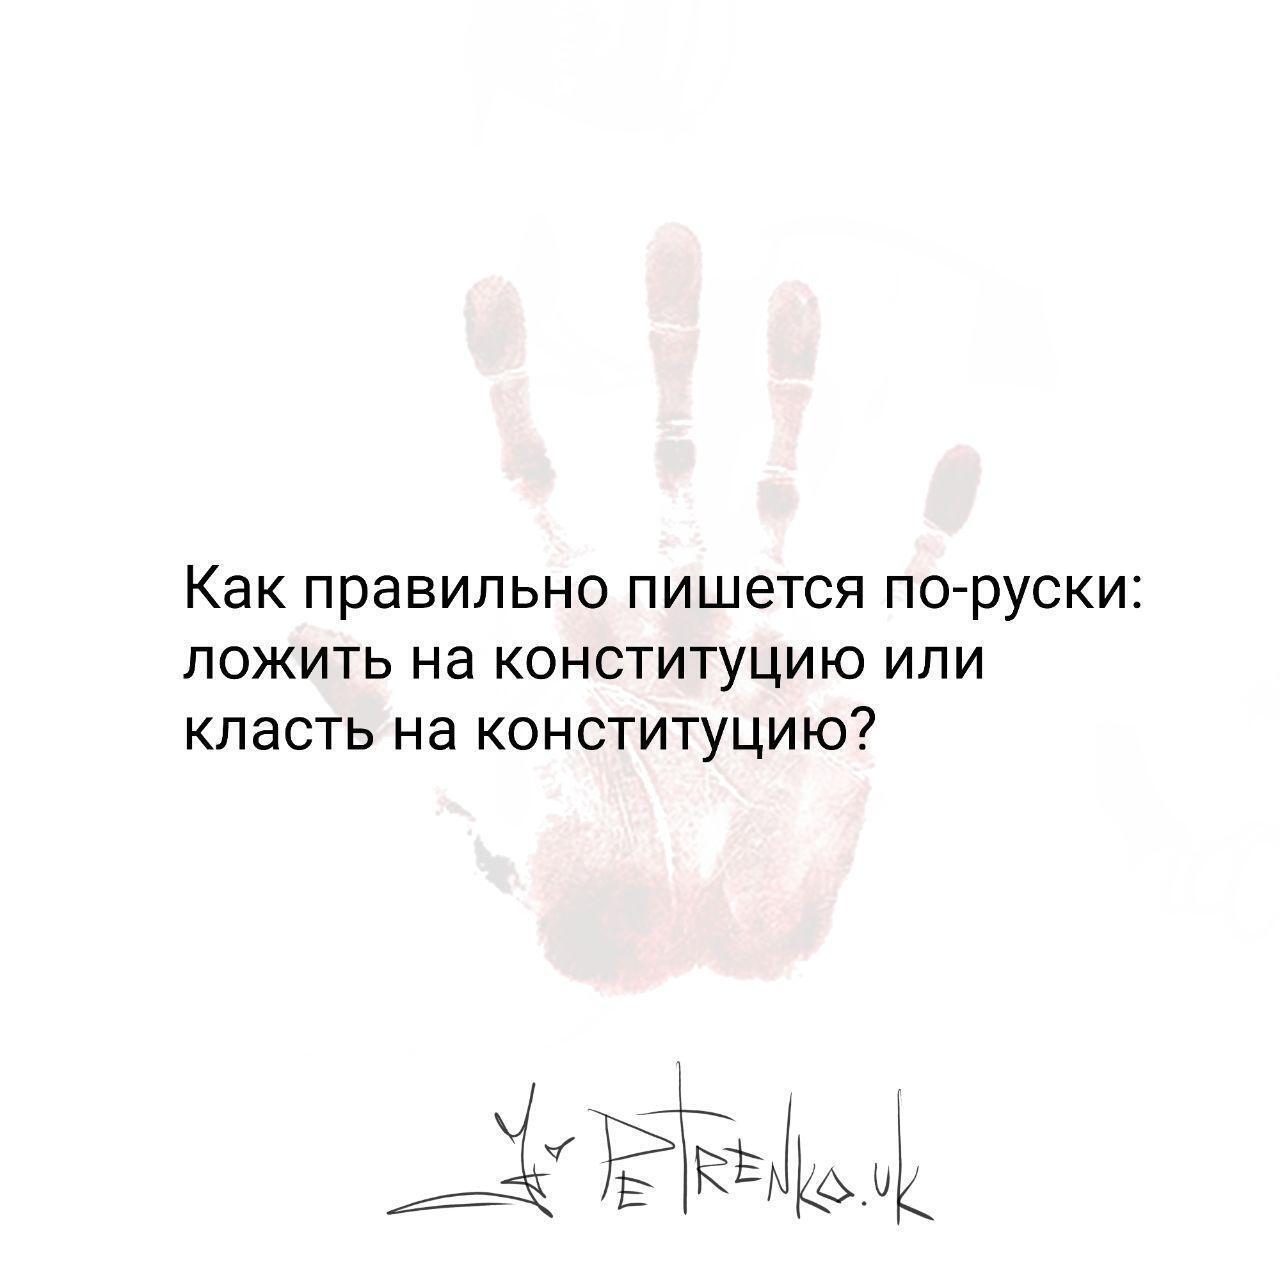 Telegram/PetrenkoAndryi